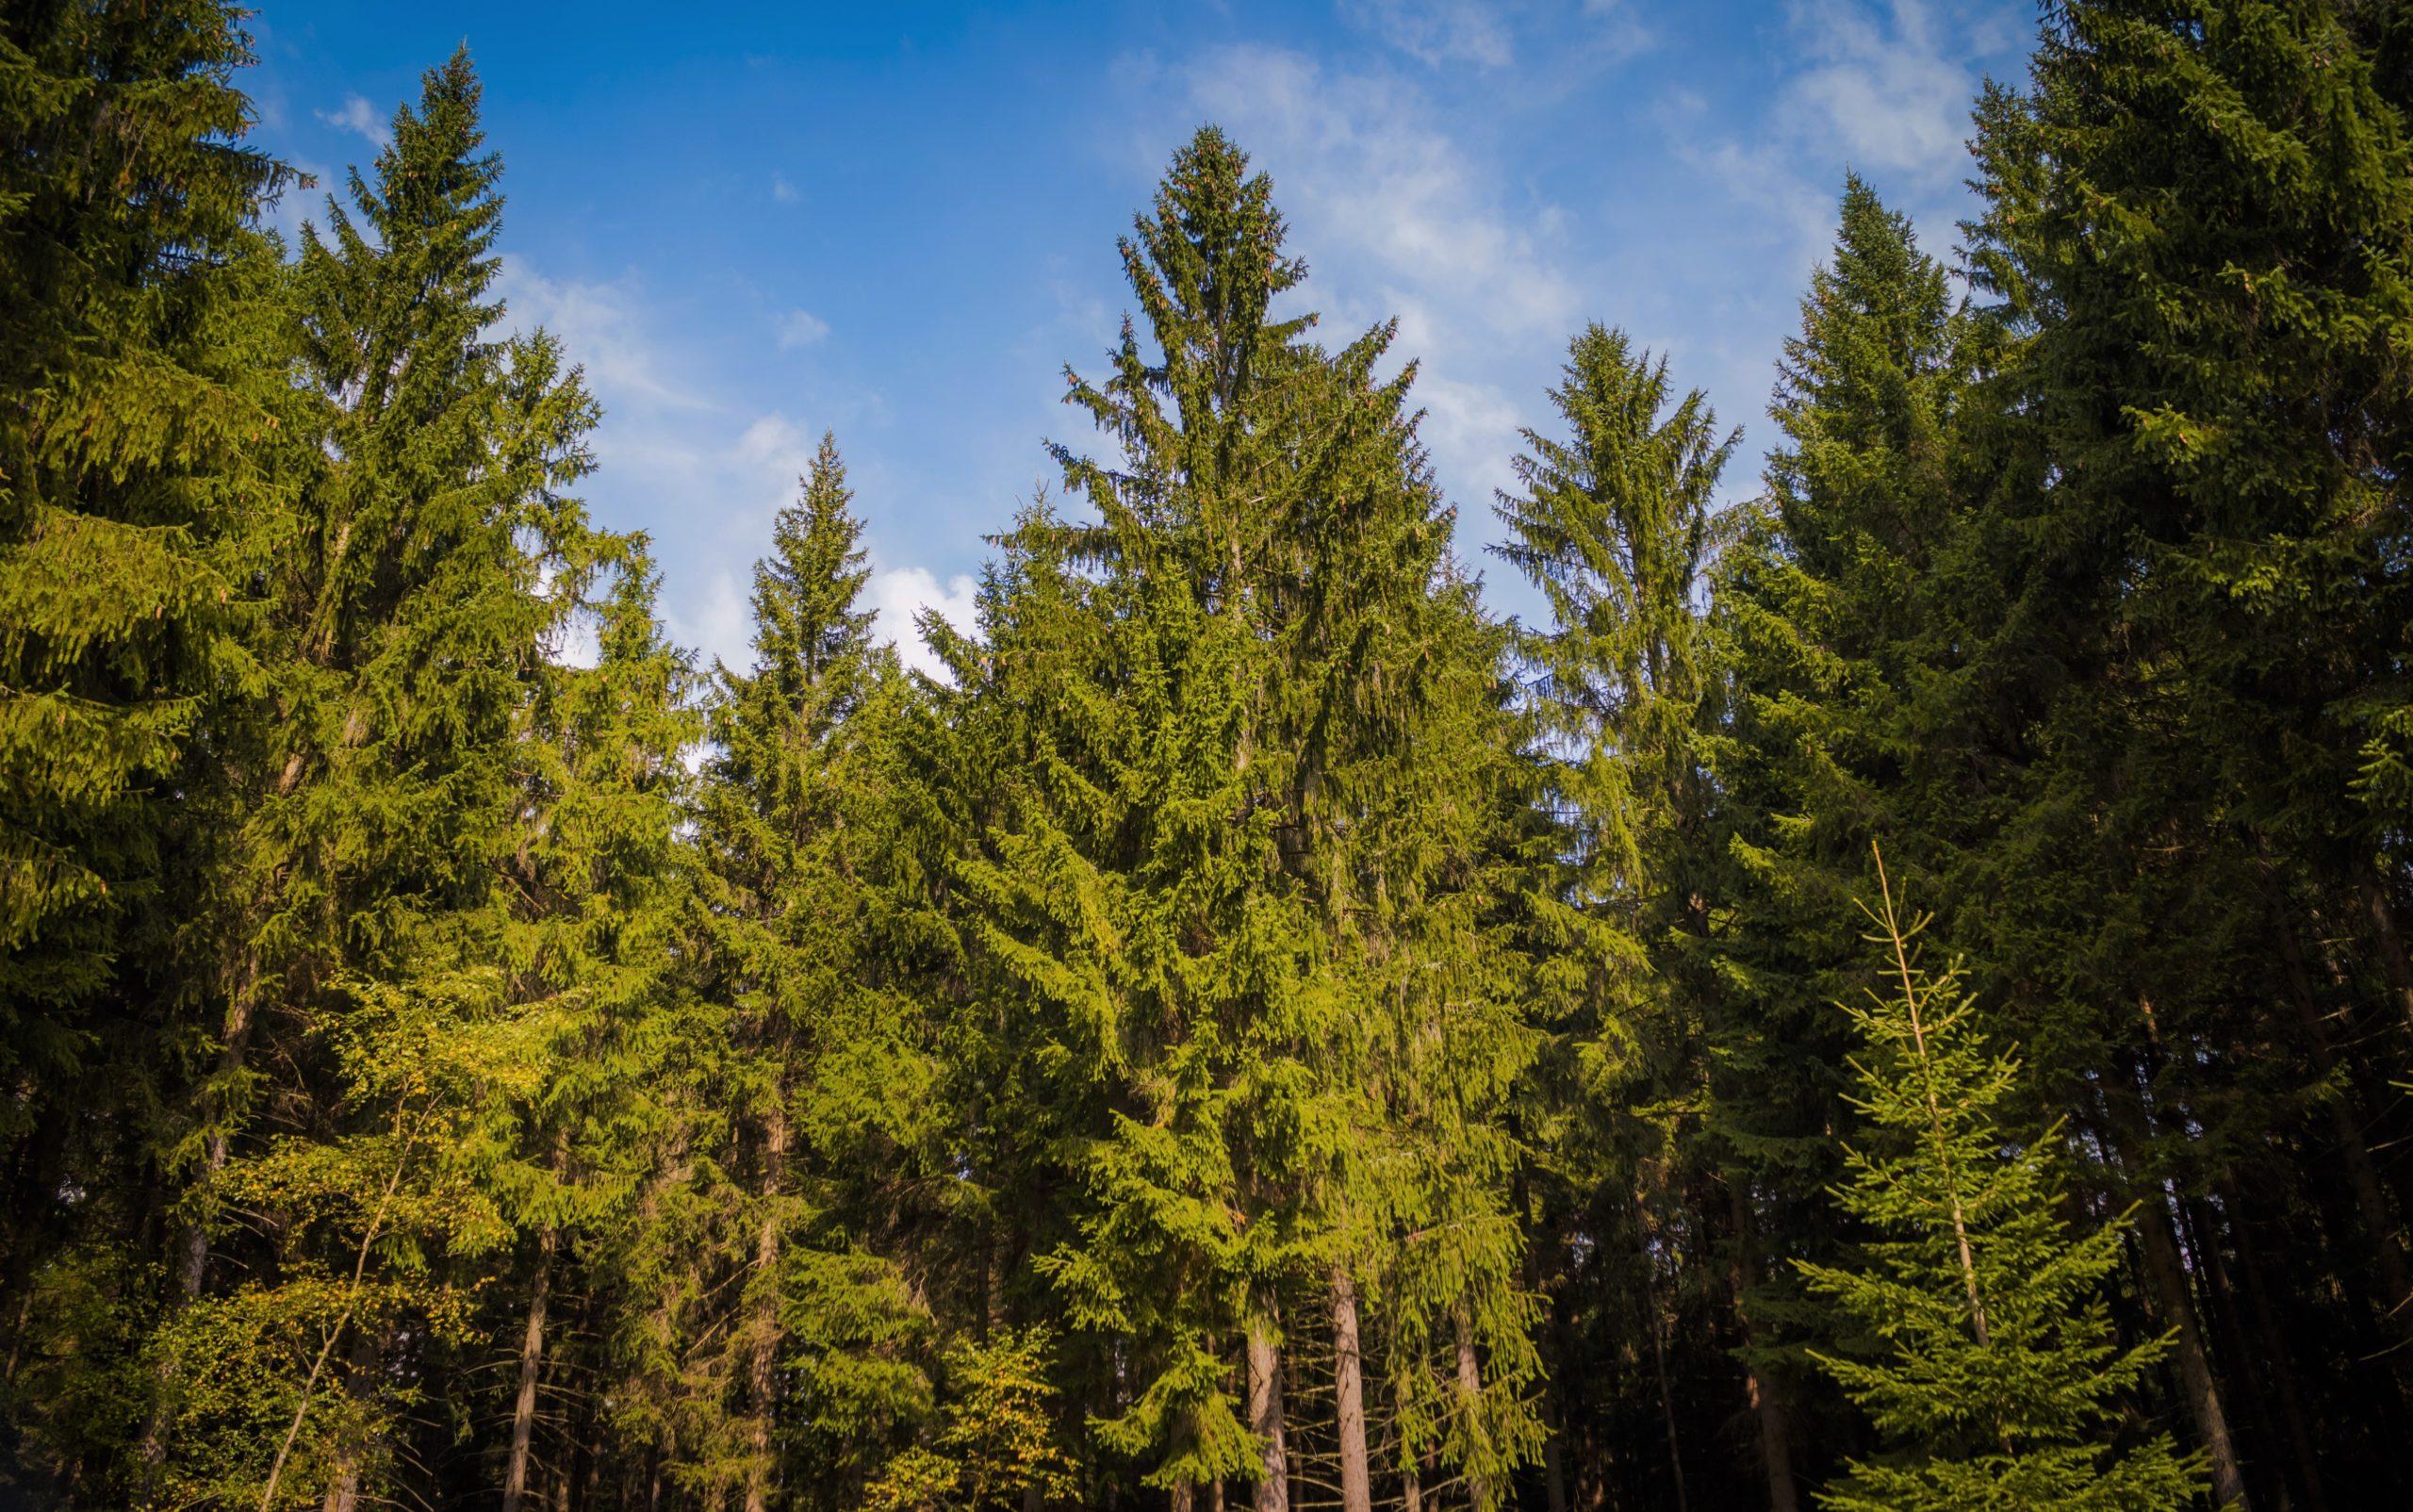 Хвойные деревья - список, виды, названия, описание, где растут, фото и видео